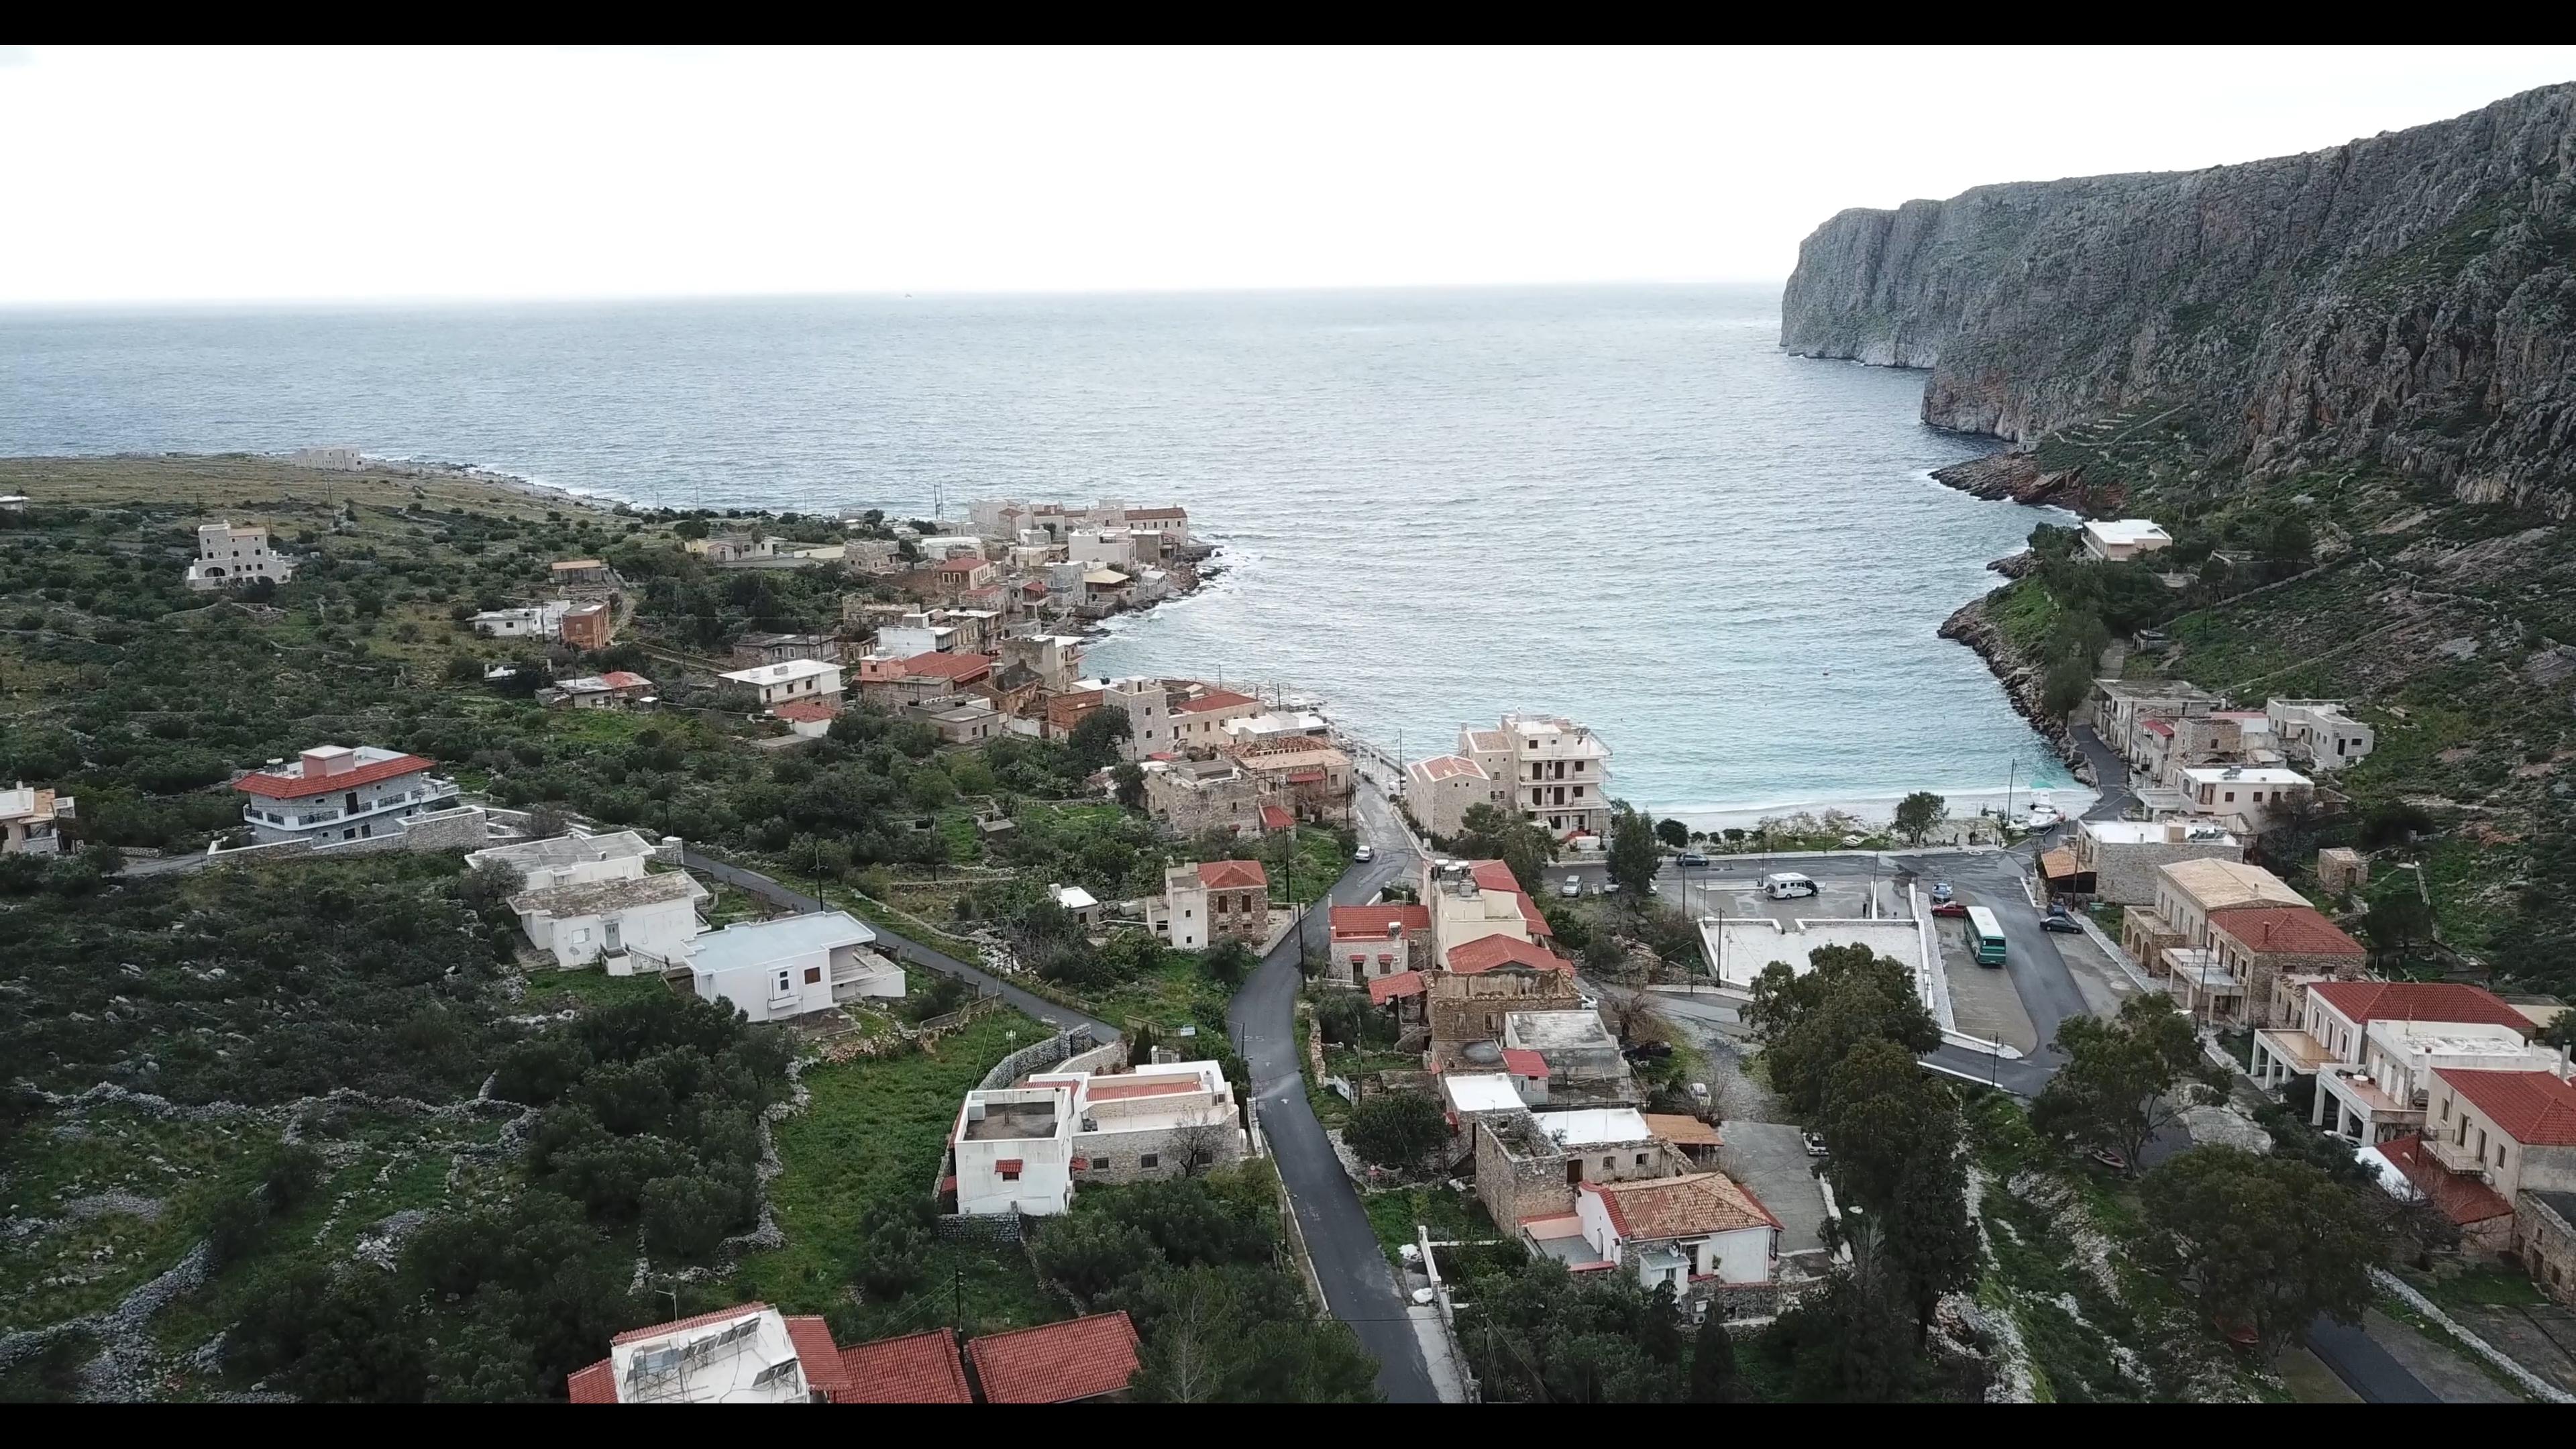 VIDEO: GRECIA DESDE EL AIRE: GEROLIMENAS, PELOPONESO